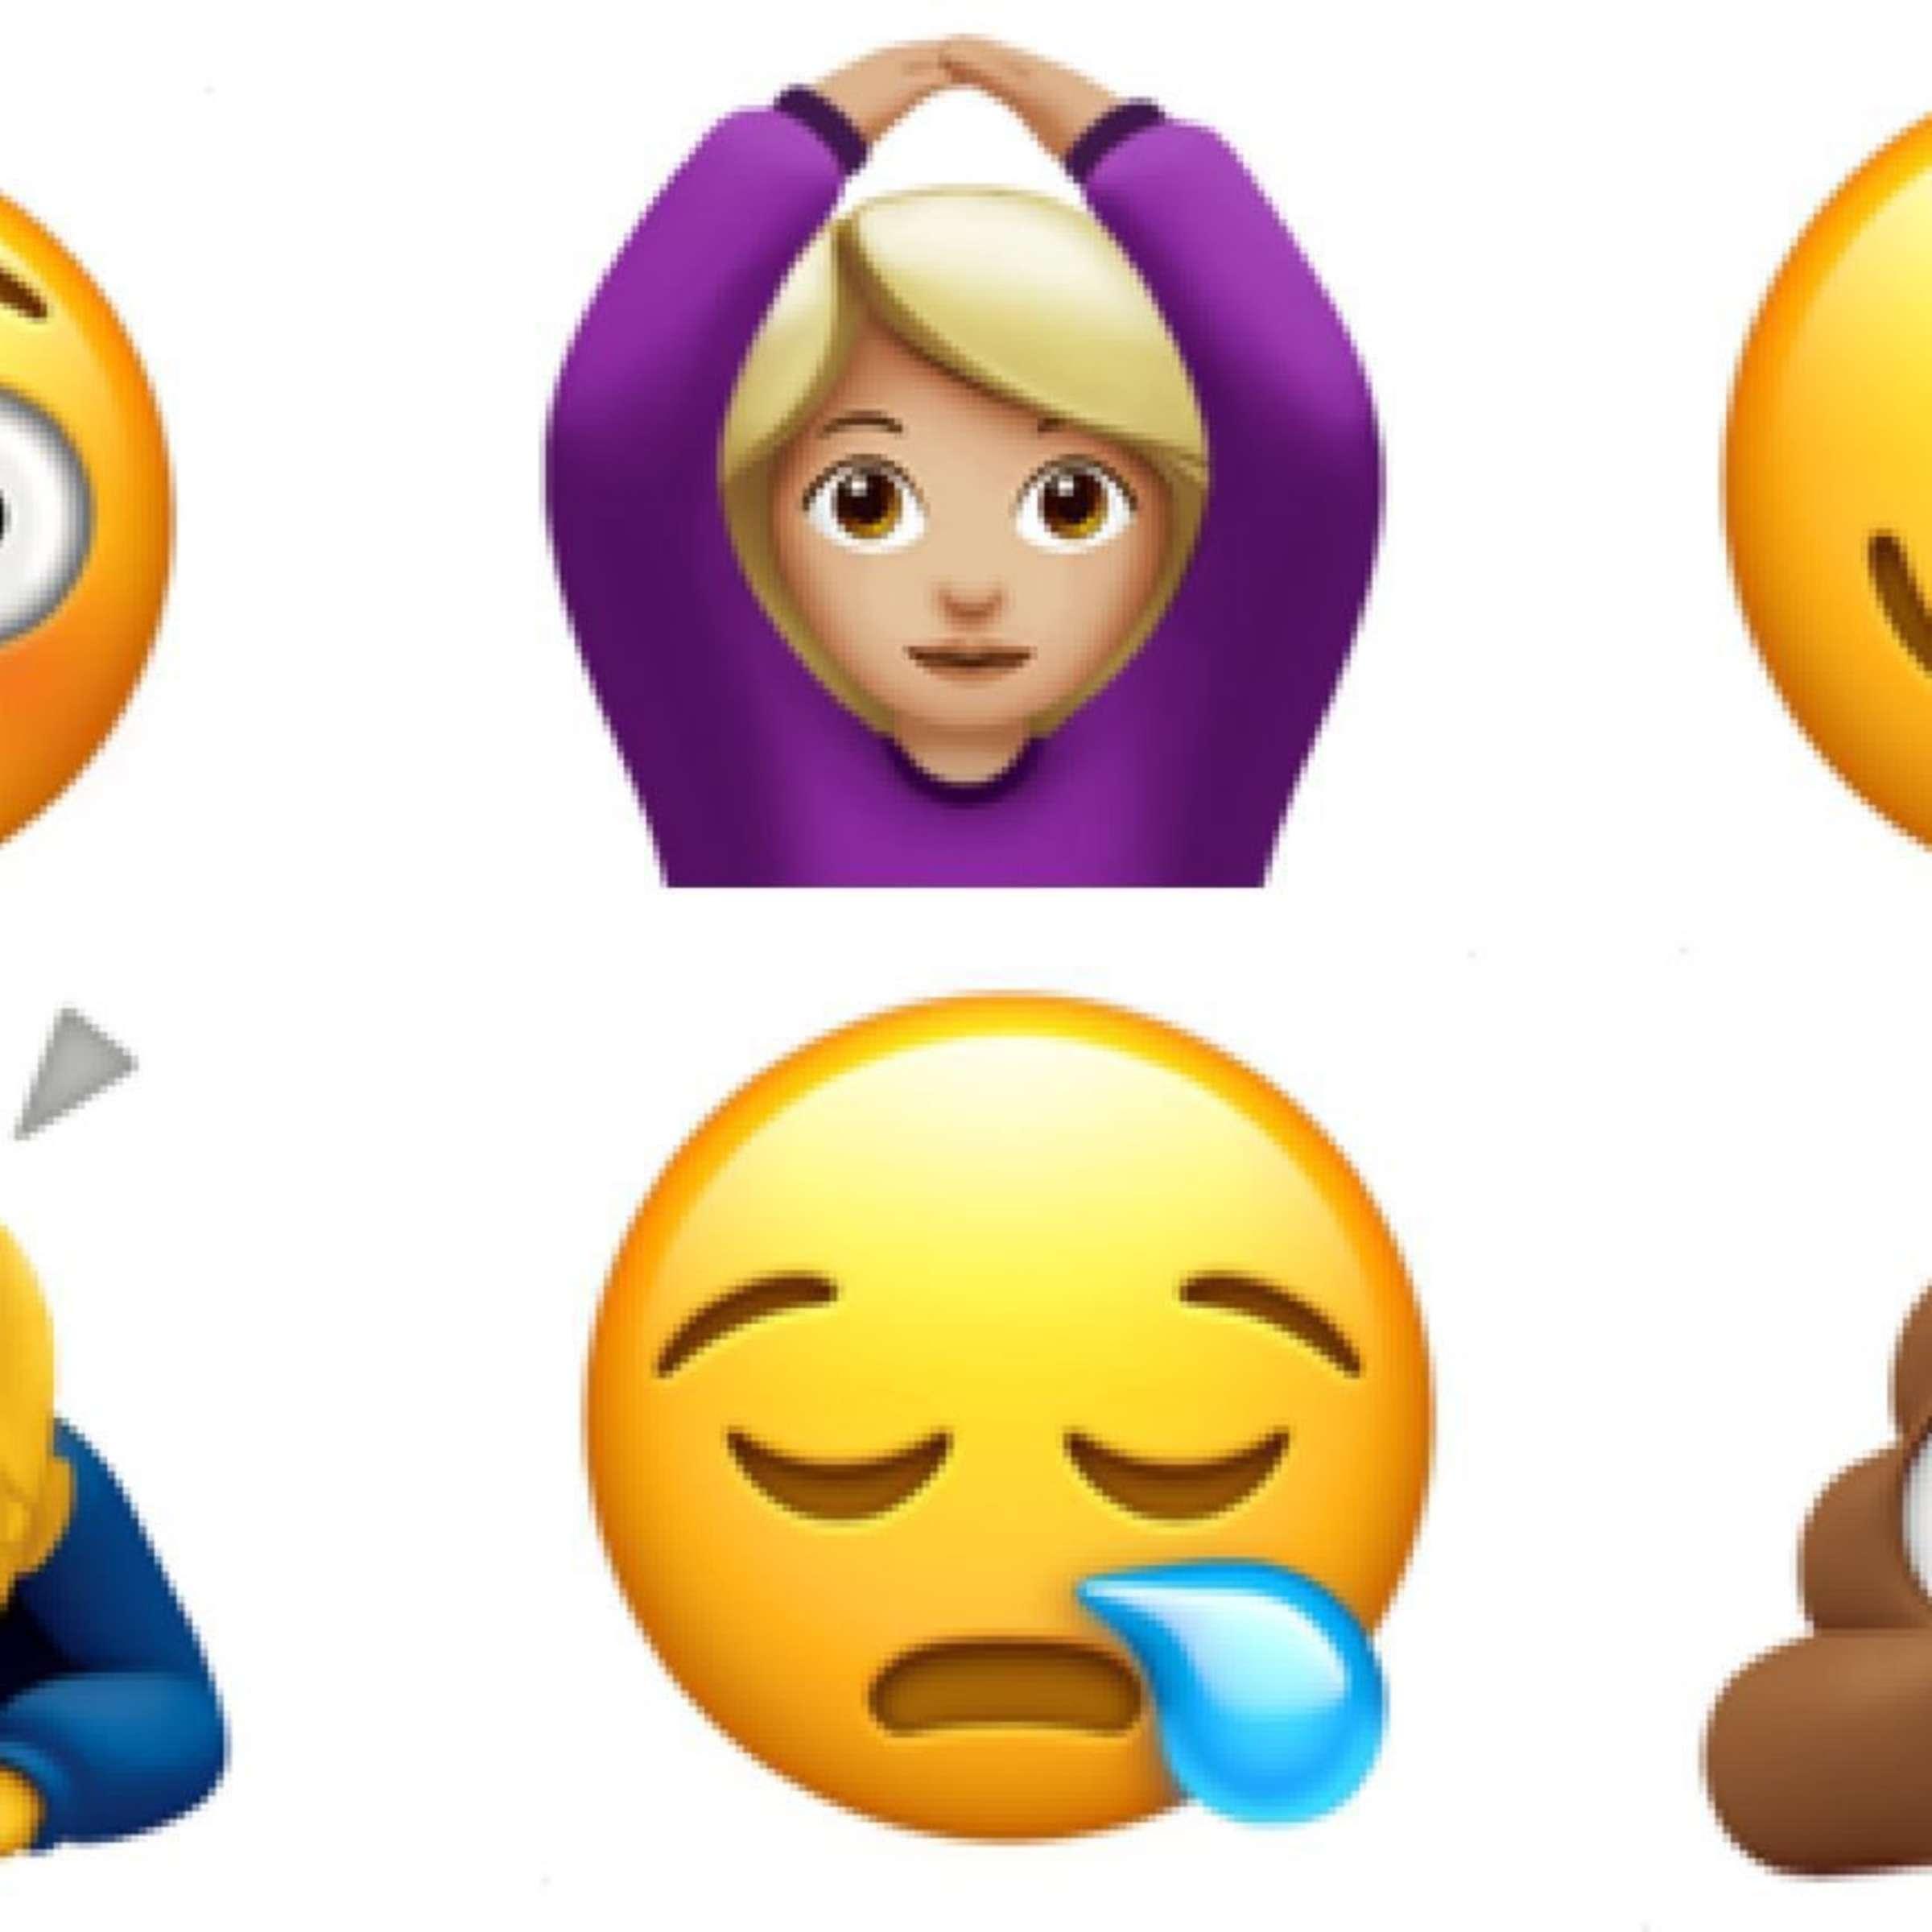 Eigentliche Bedeutung Von Emojis Diese Smileys Werden Falsch Benutzt Netzwelt